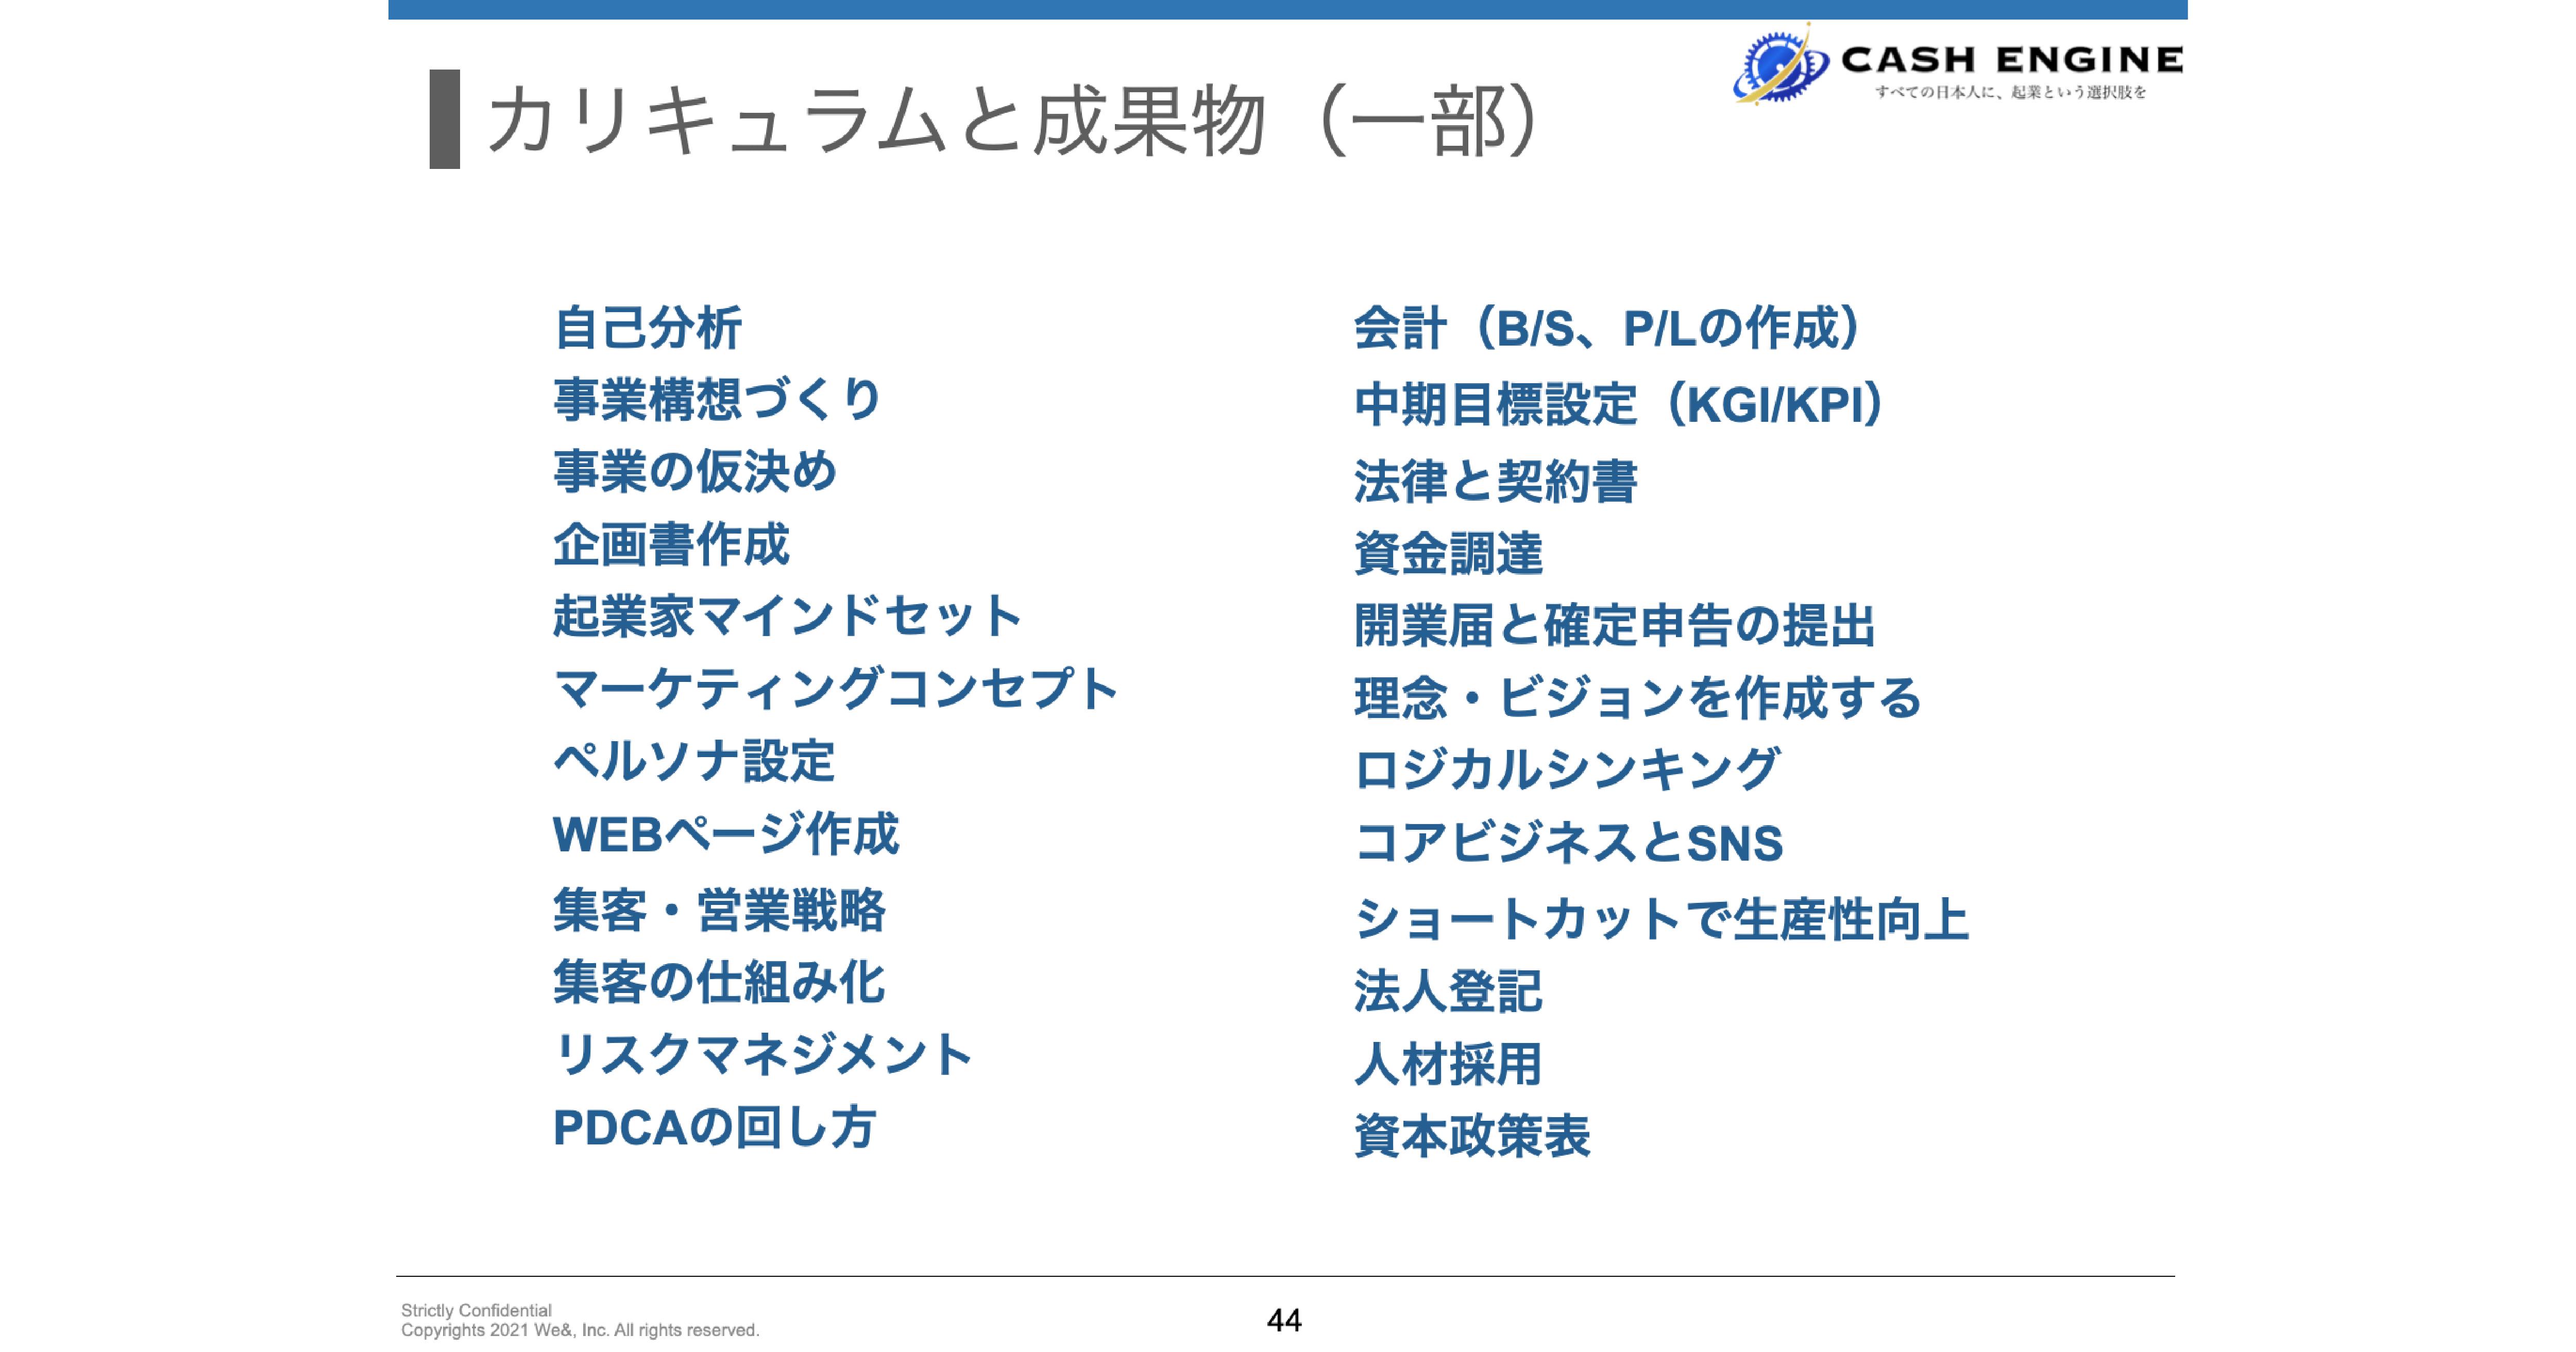 キャッシュエンジンのカリキュラムと成果物(一部)